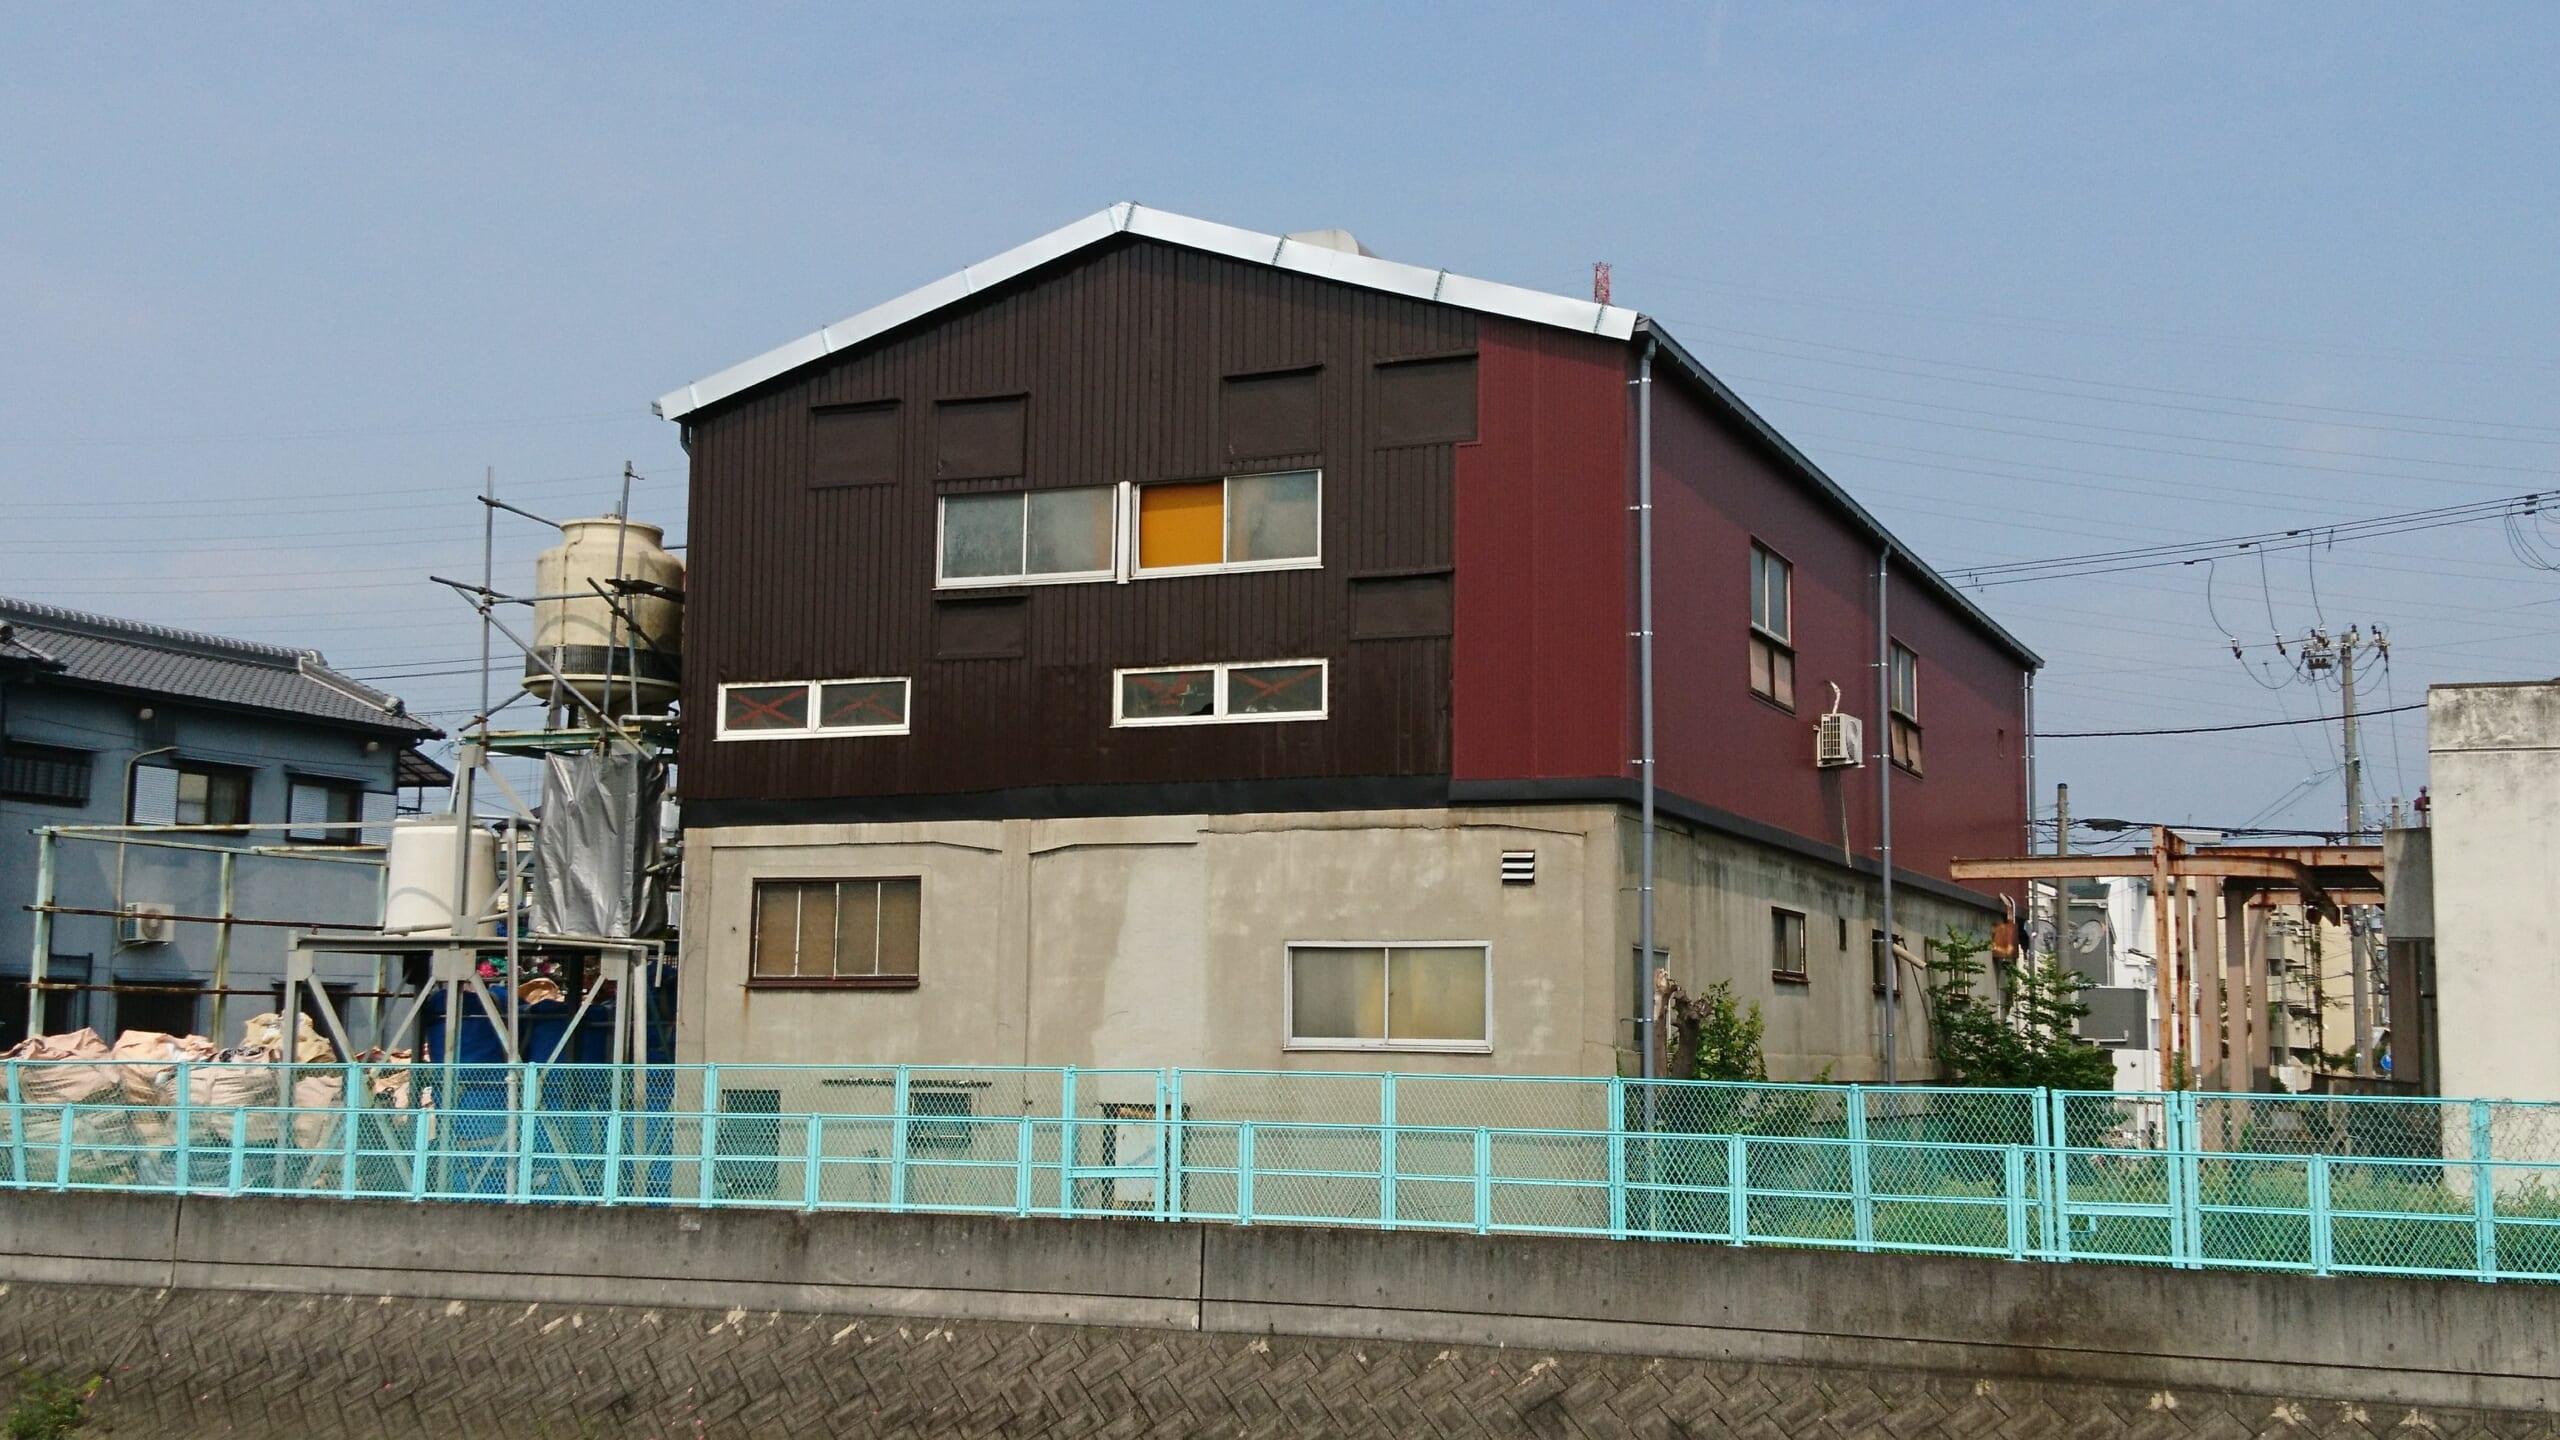 倉庫の屋根と外壁をカバー工法で改修したリフォーム工事が完成